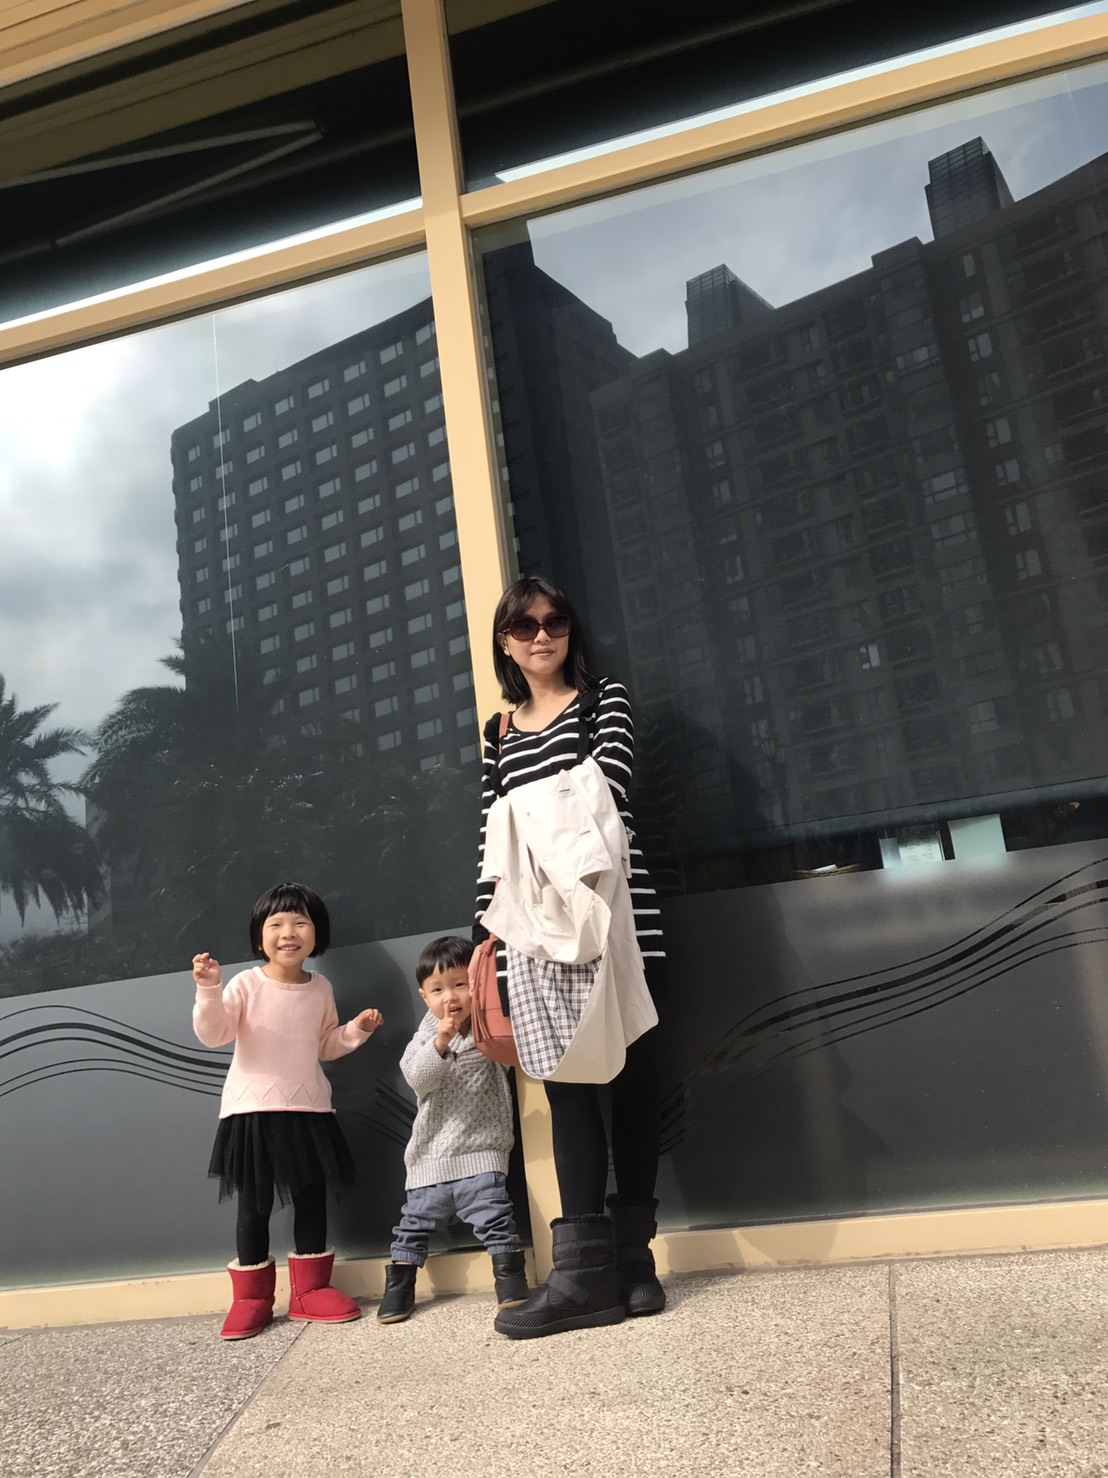 『家庭』2017年小潔家的新決定-搬家(緣起)